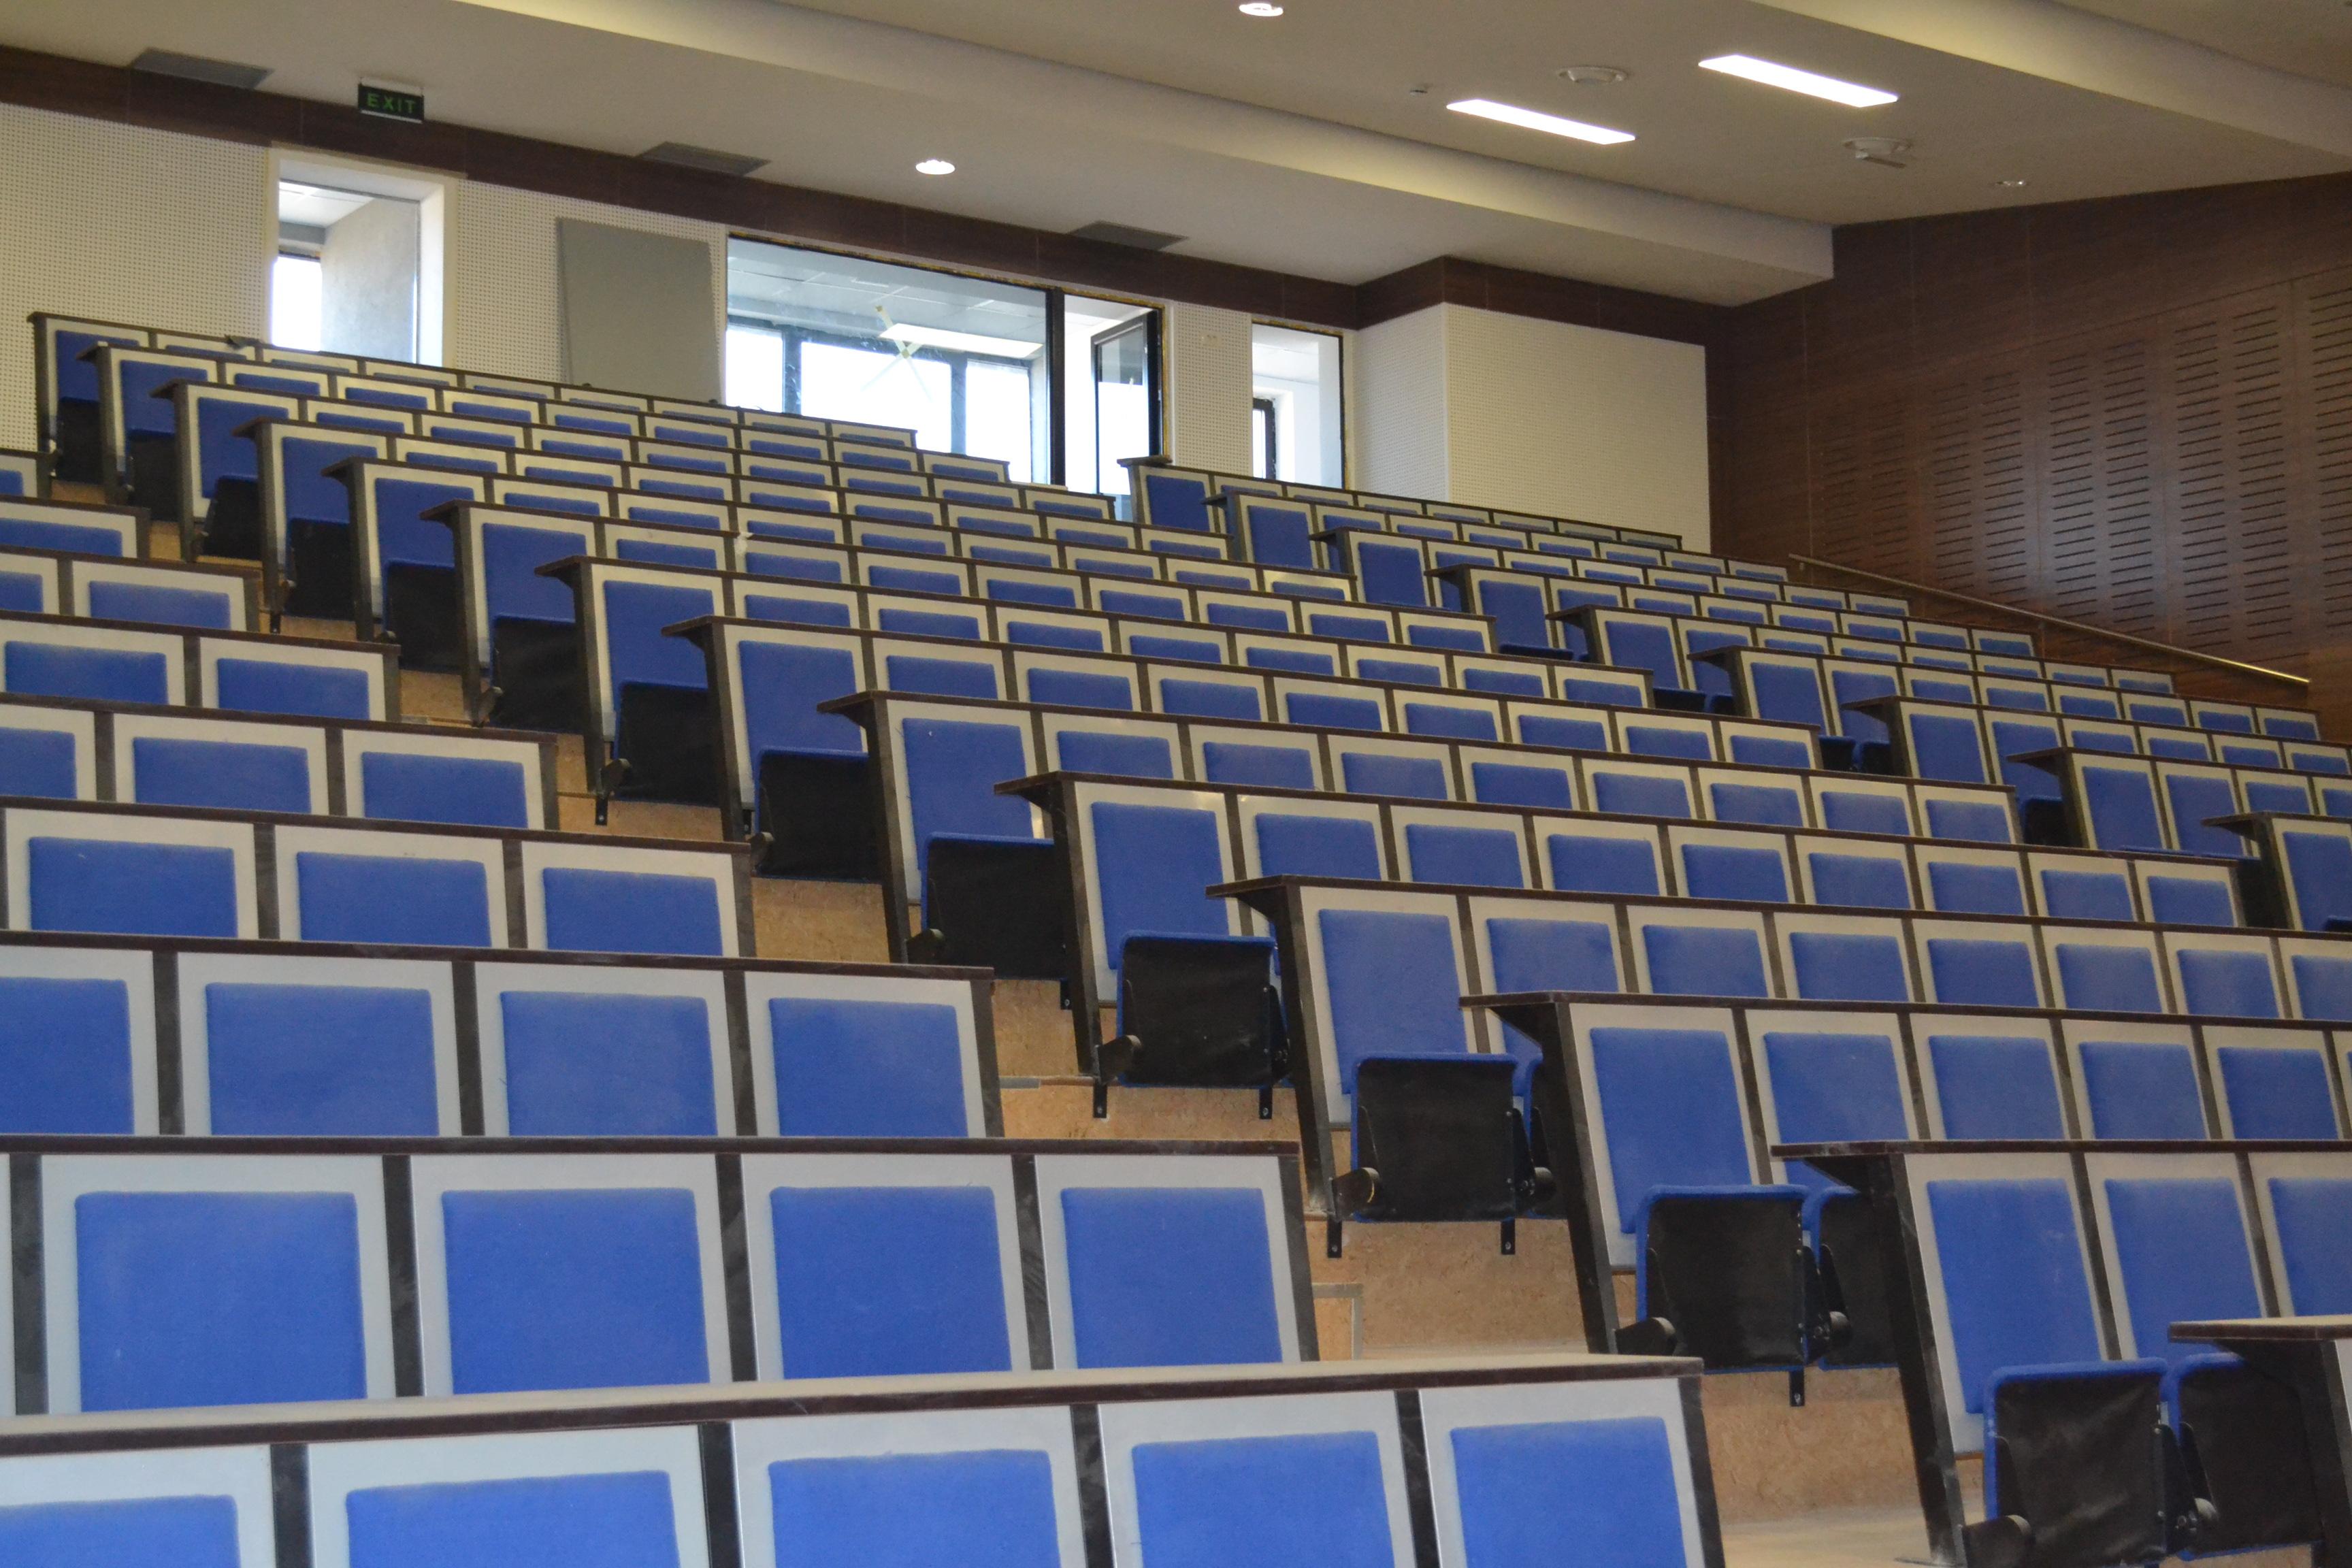 Konkurs plotësues për pranimin e studentëve në vitin akademik 2018/19